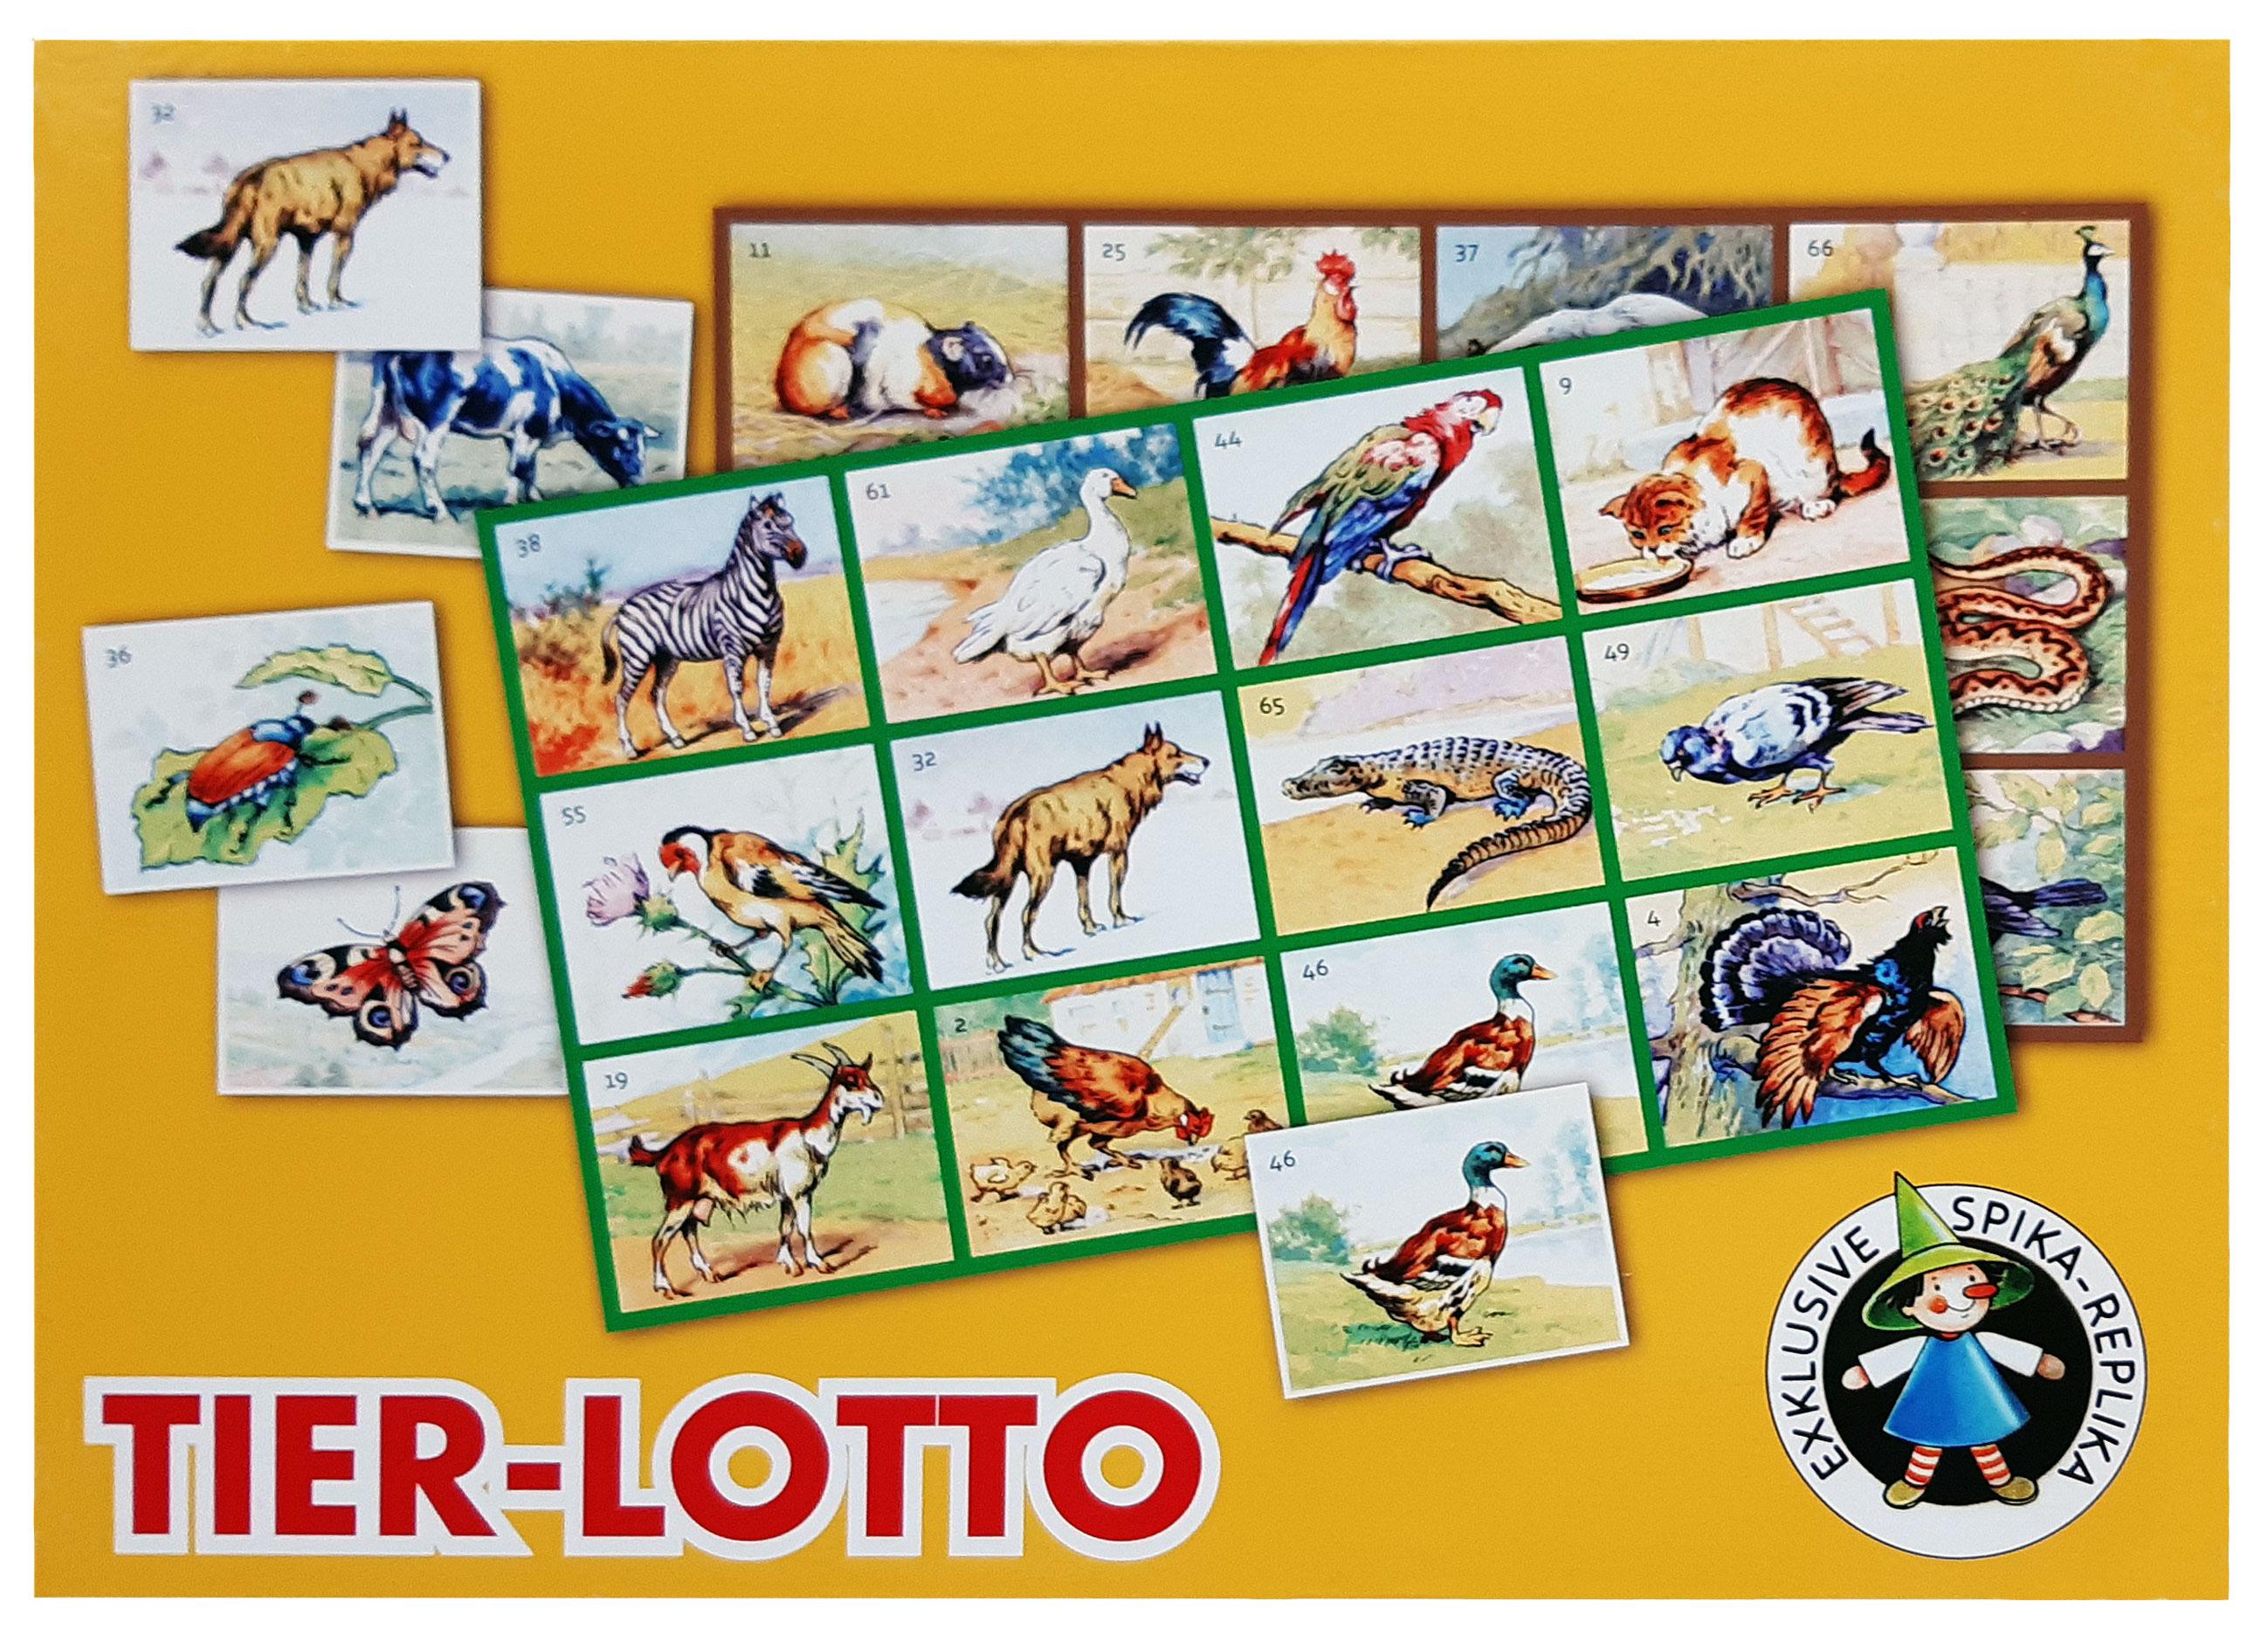 Tier - Lotto